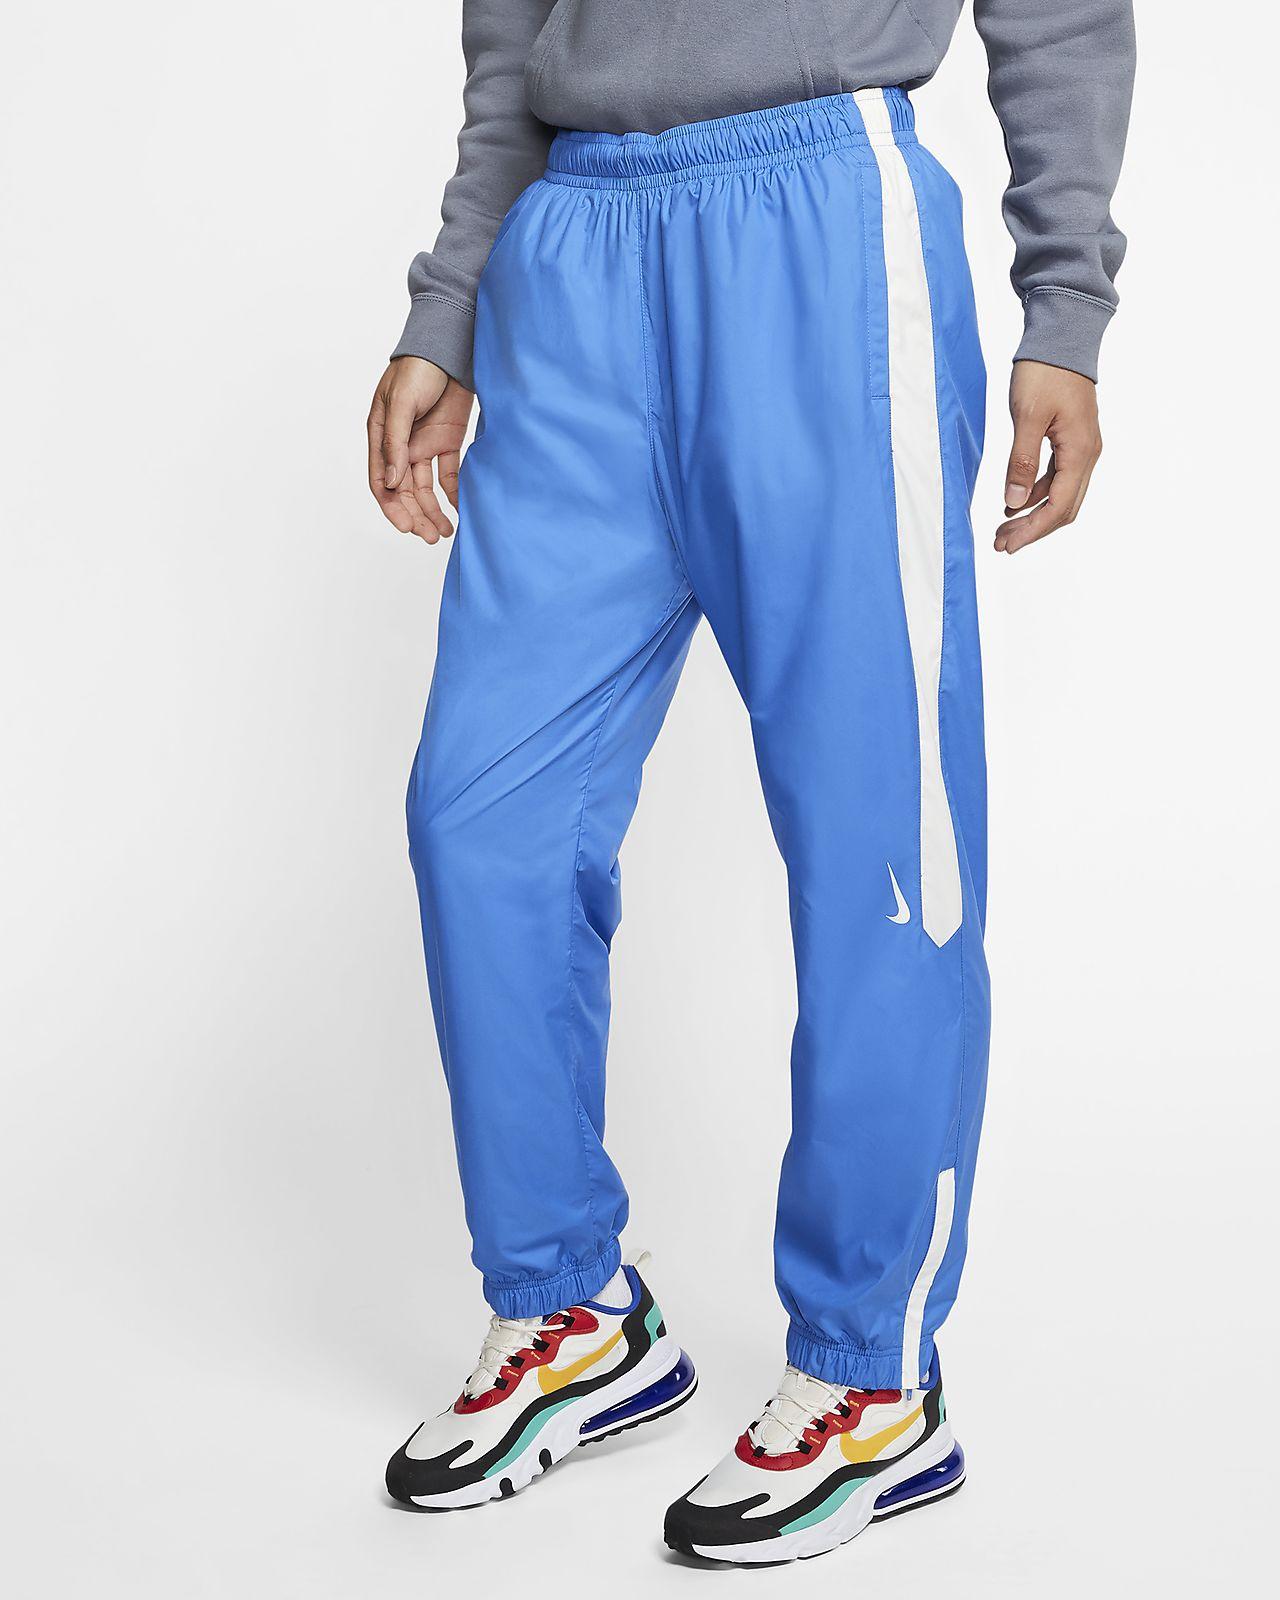 Pantalones de entrenamiento de skateboarding Swoosh para hombre Nike SB Shield